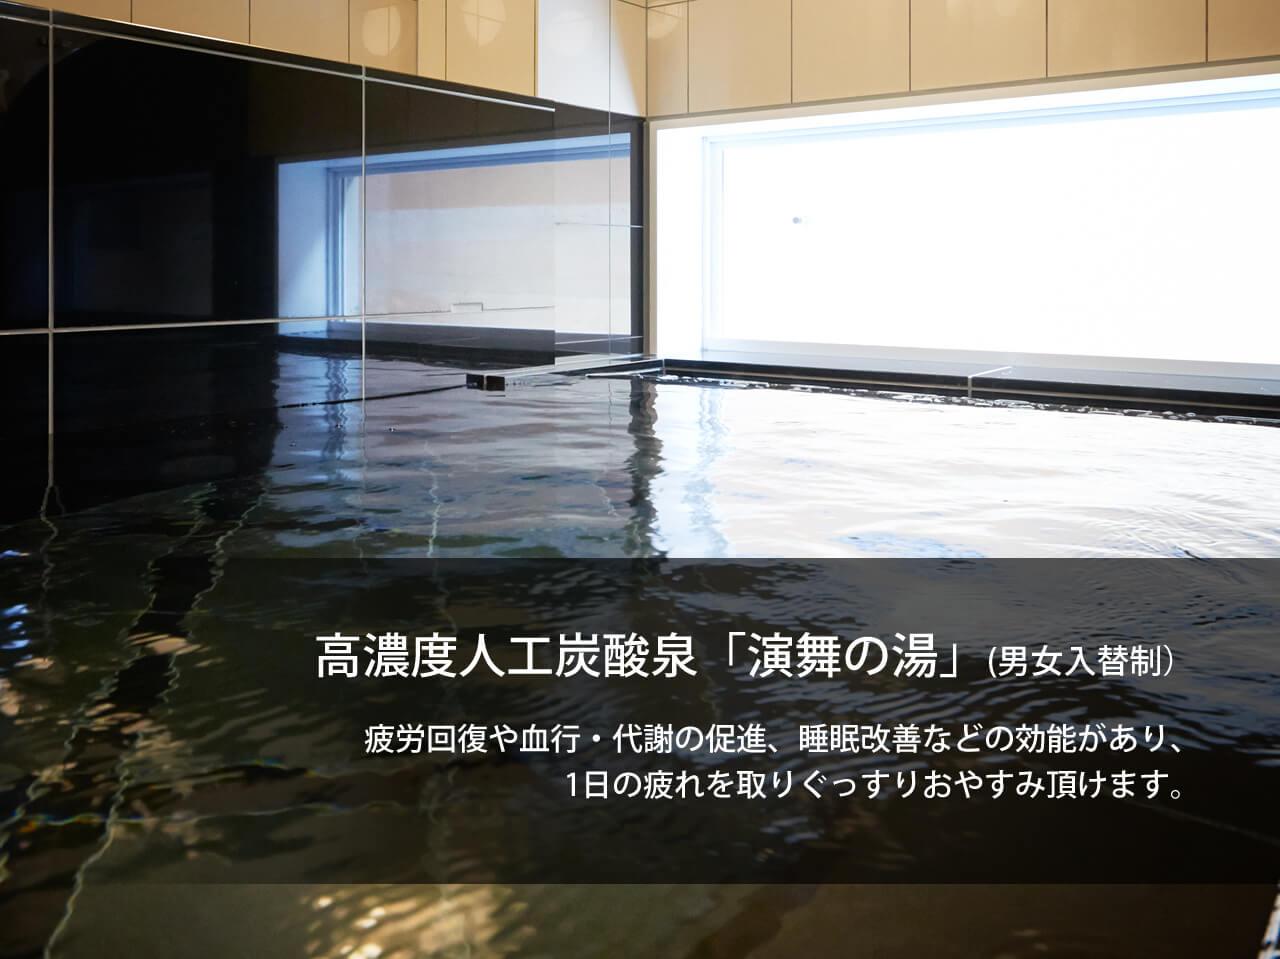 新宿駅 首吊り自殺